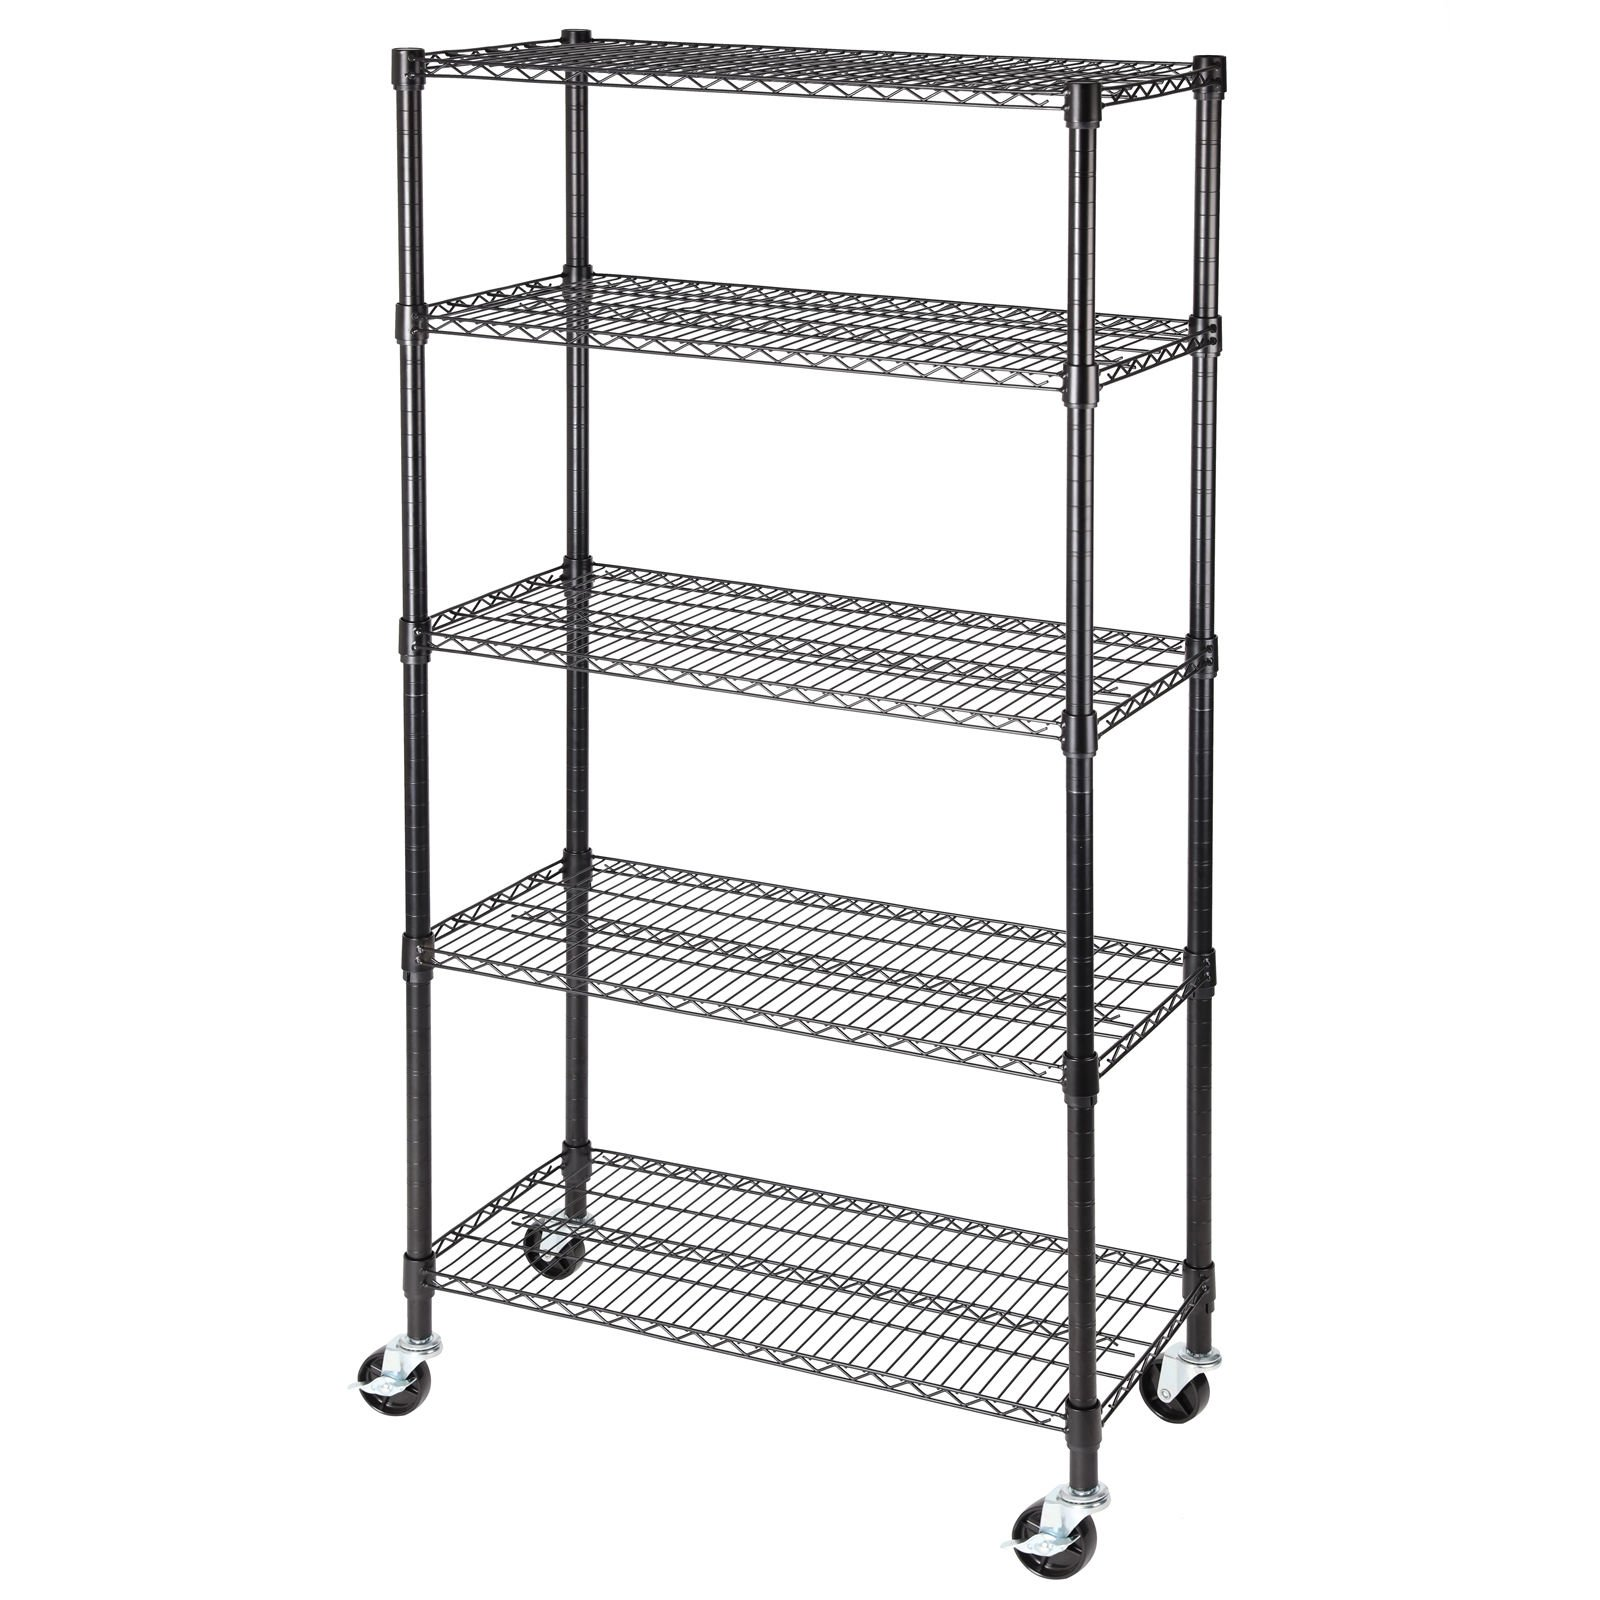 Shelving rack heavy duty 5 tier 60 inch x30 inch x14 inch steel shelf heavy duty adjustable layer wire steel & commercial grade chrome wire